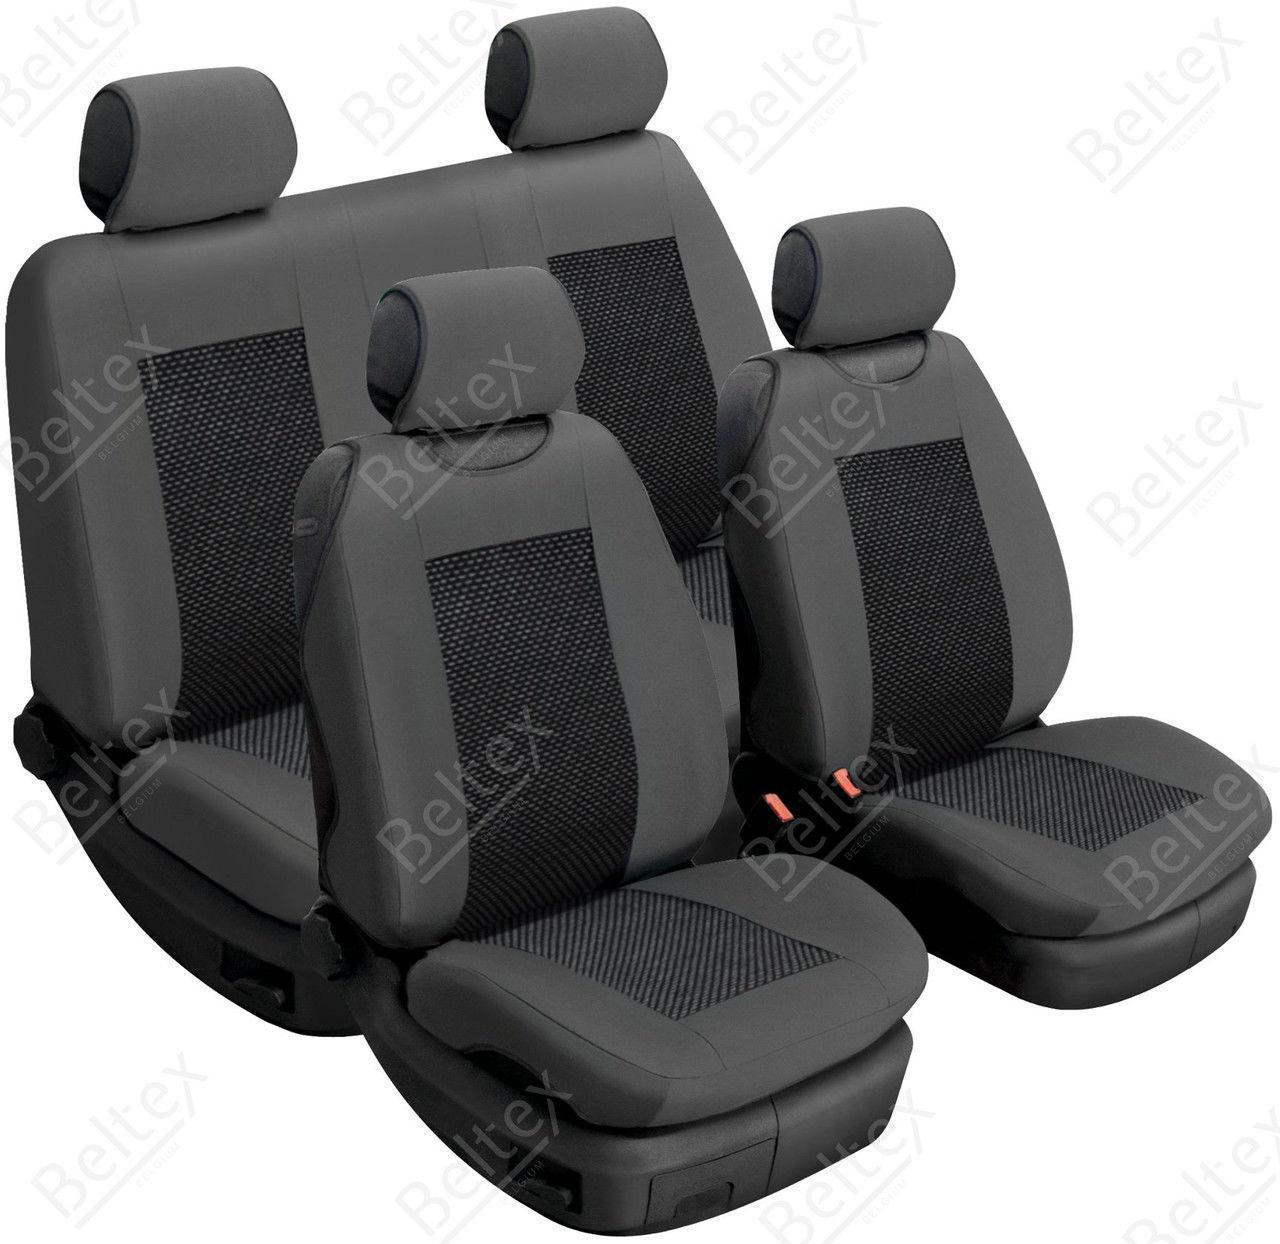 Майки/чехлы на сиденья Рено Гранд Сценик (Renault Grand Scenic)